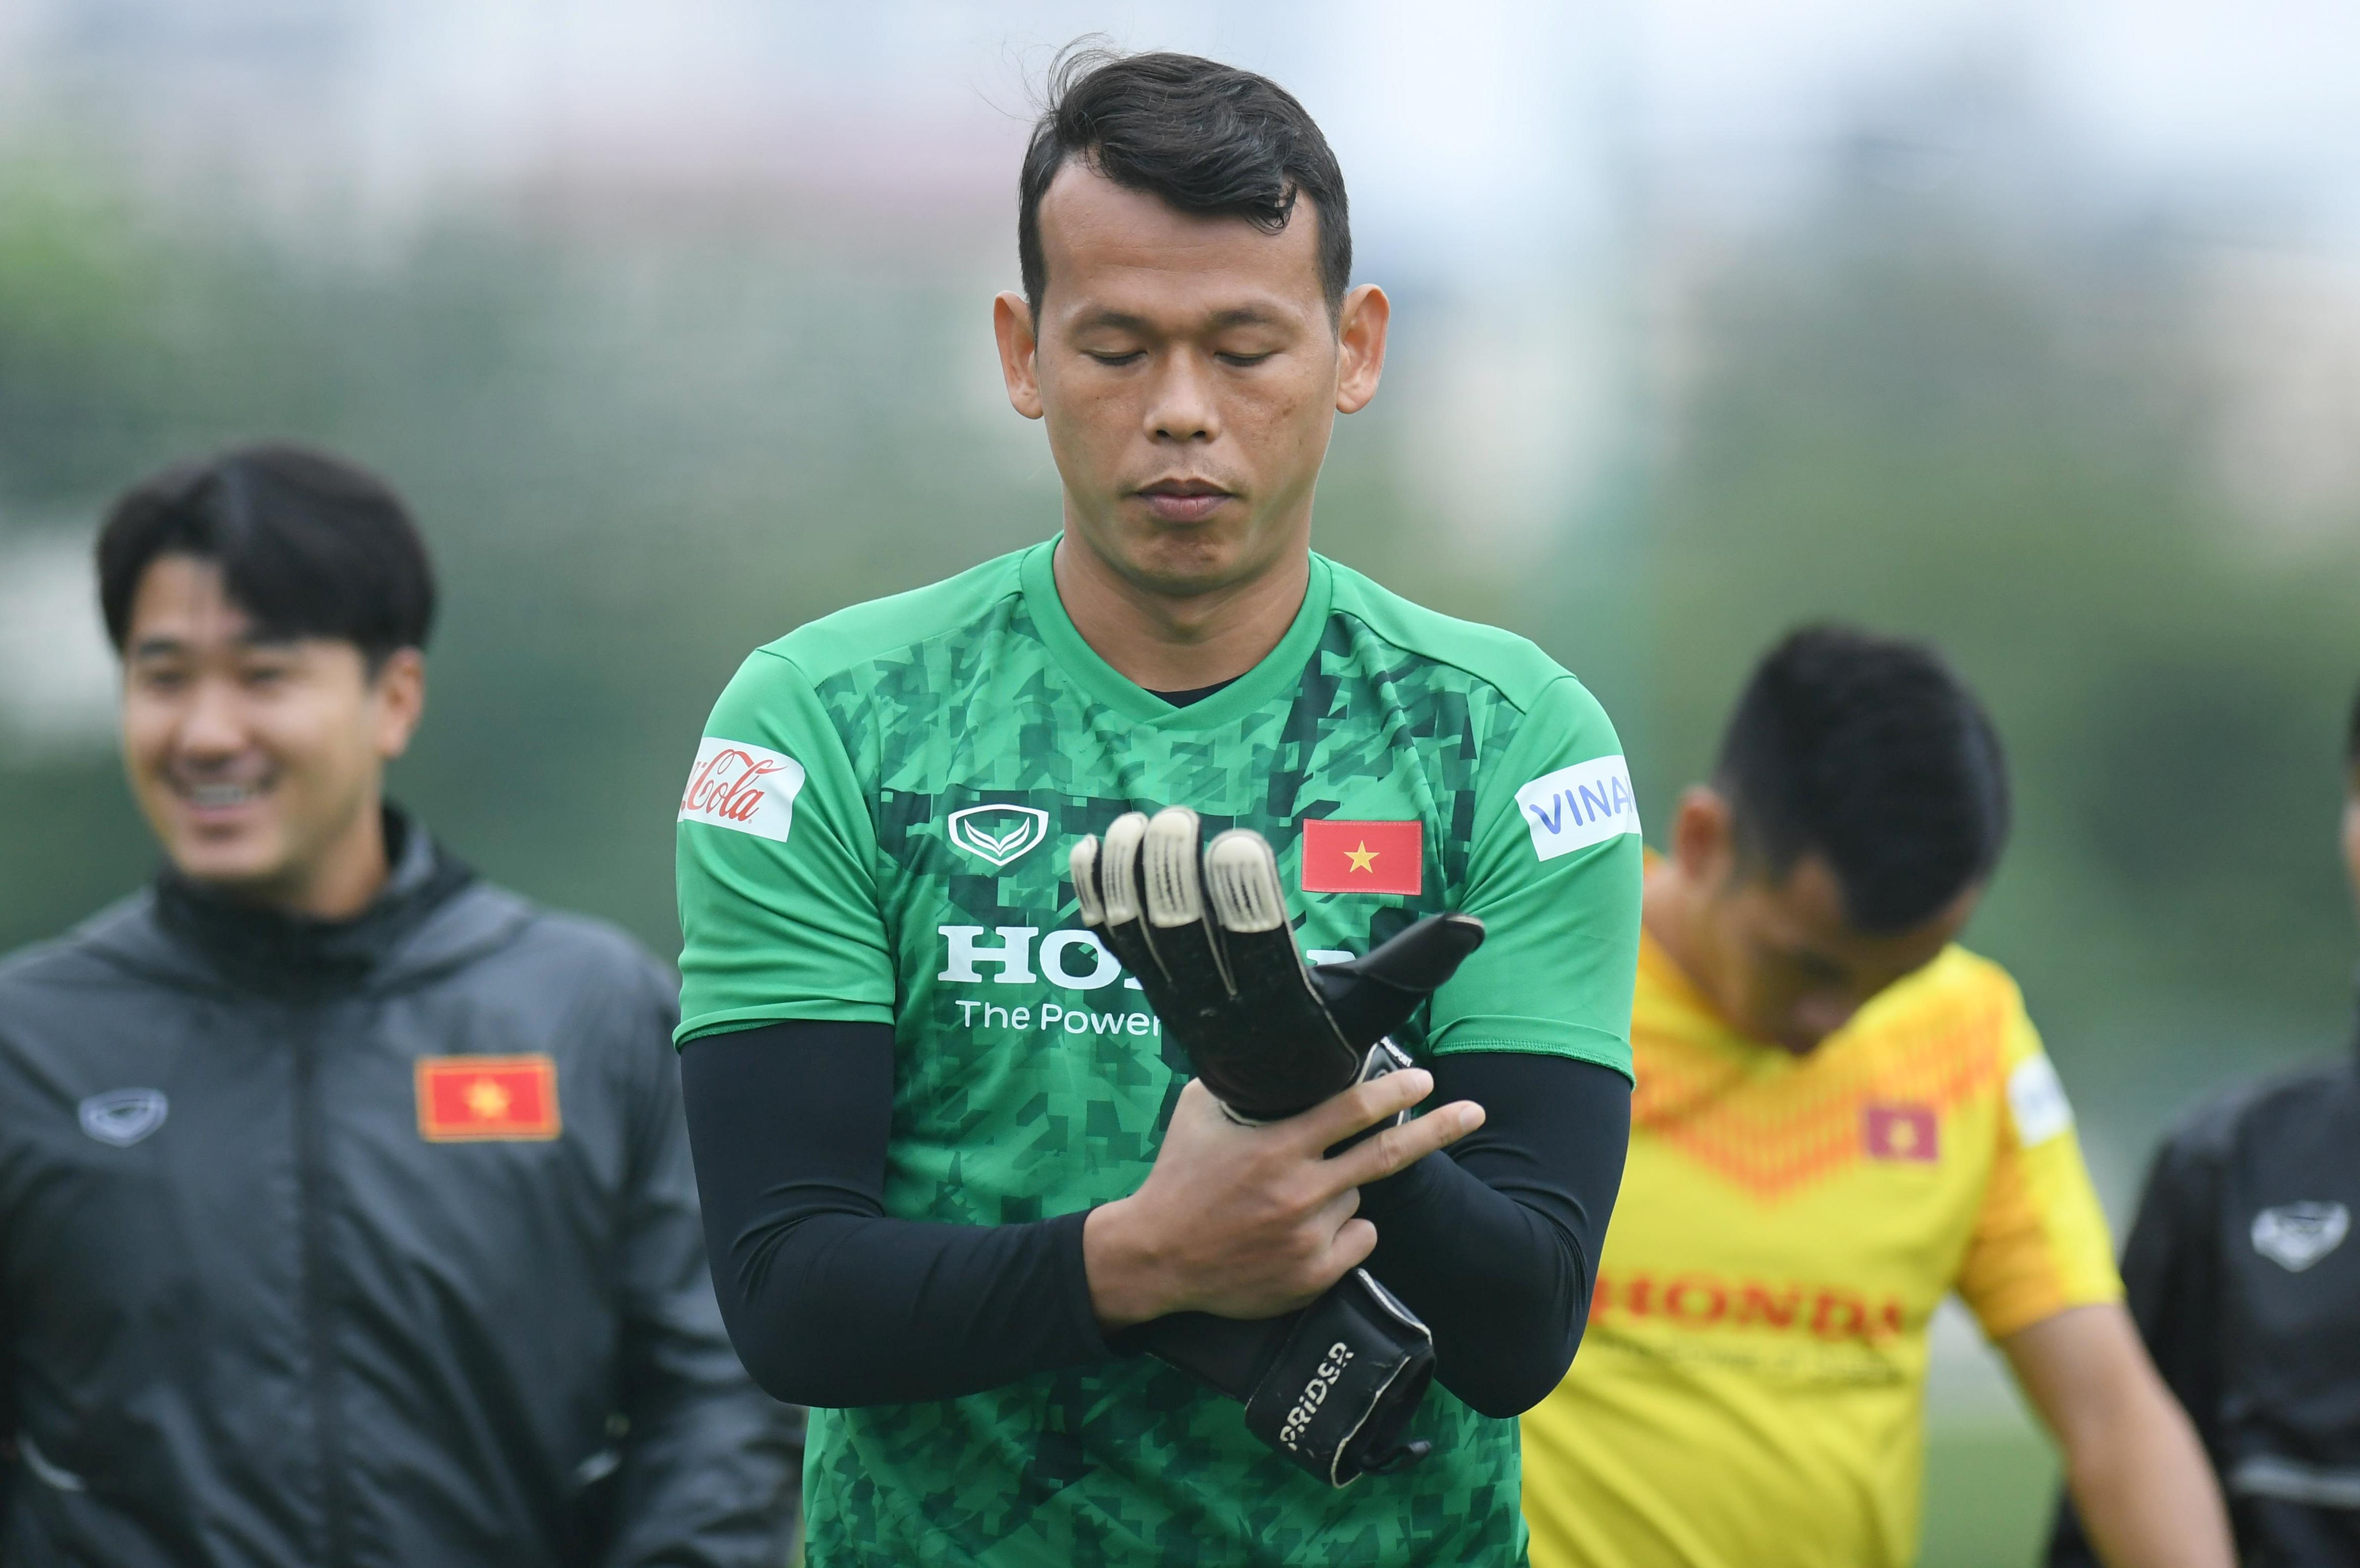 Đội tuyển Việt Nam luyện công trong giá lạnh tại Hà Nội - 3